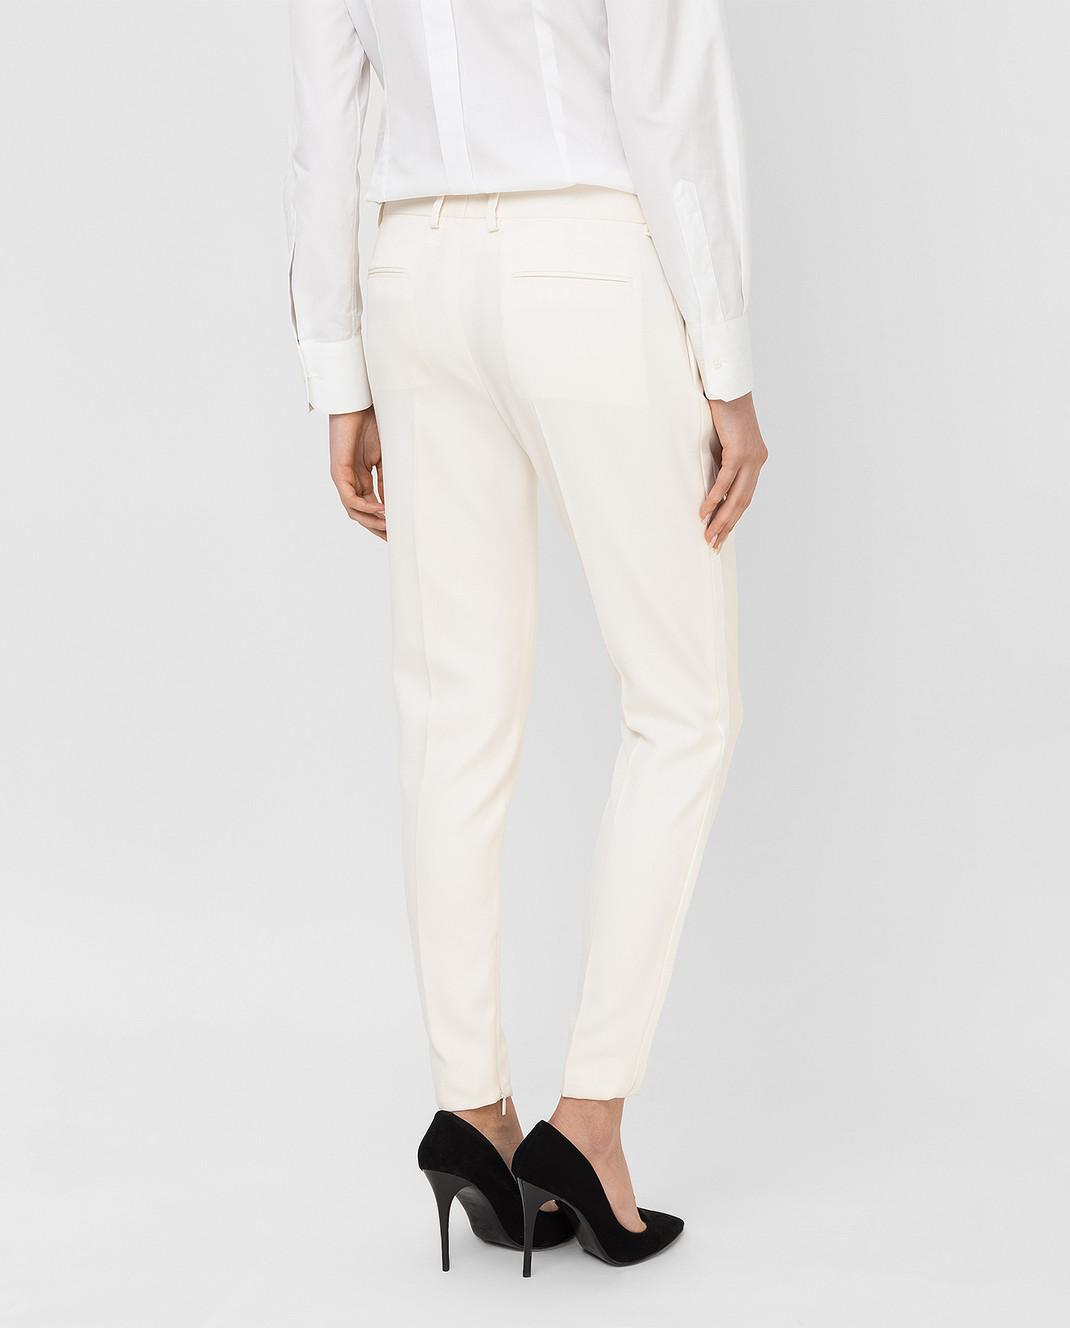 Saint Laurent Светло-бежевые брюки из шерсти 516111 изображение 4